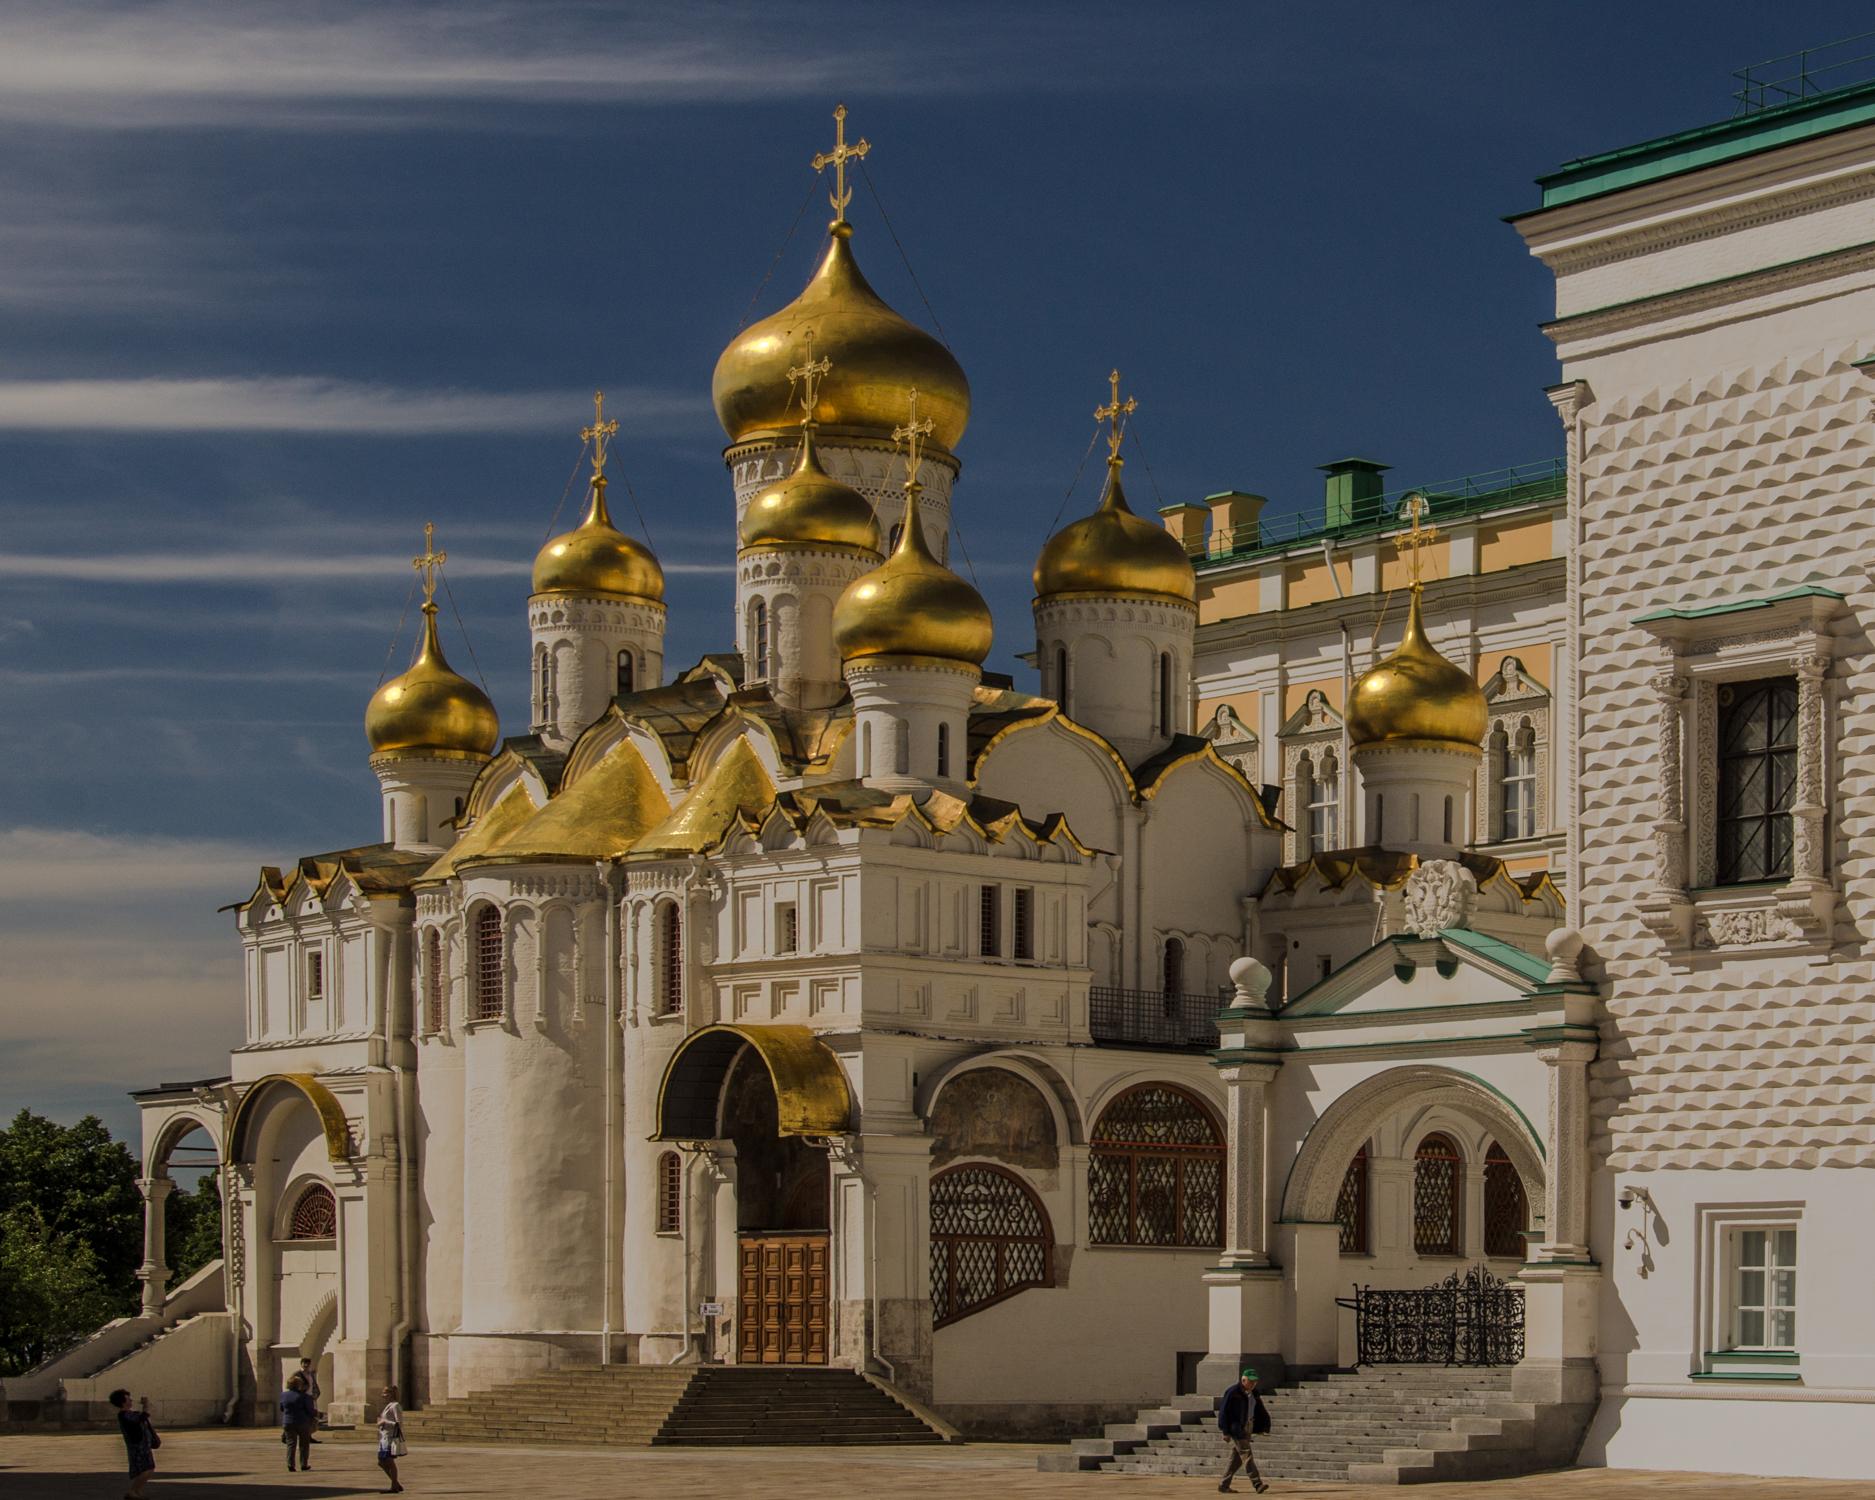 Cattedrale Annunciazione Cremlino Mosca-8859.jpg